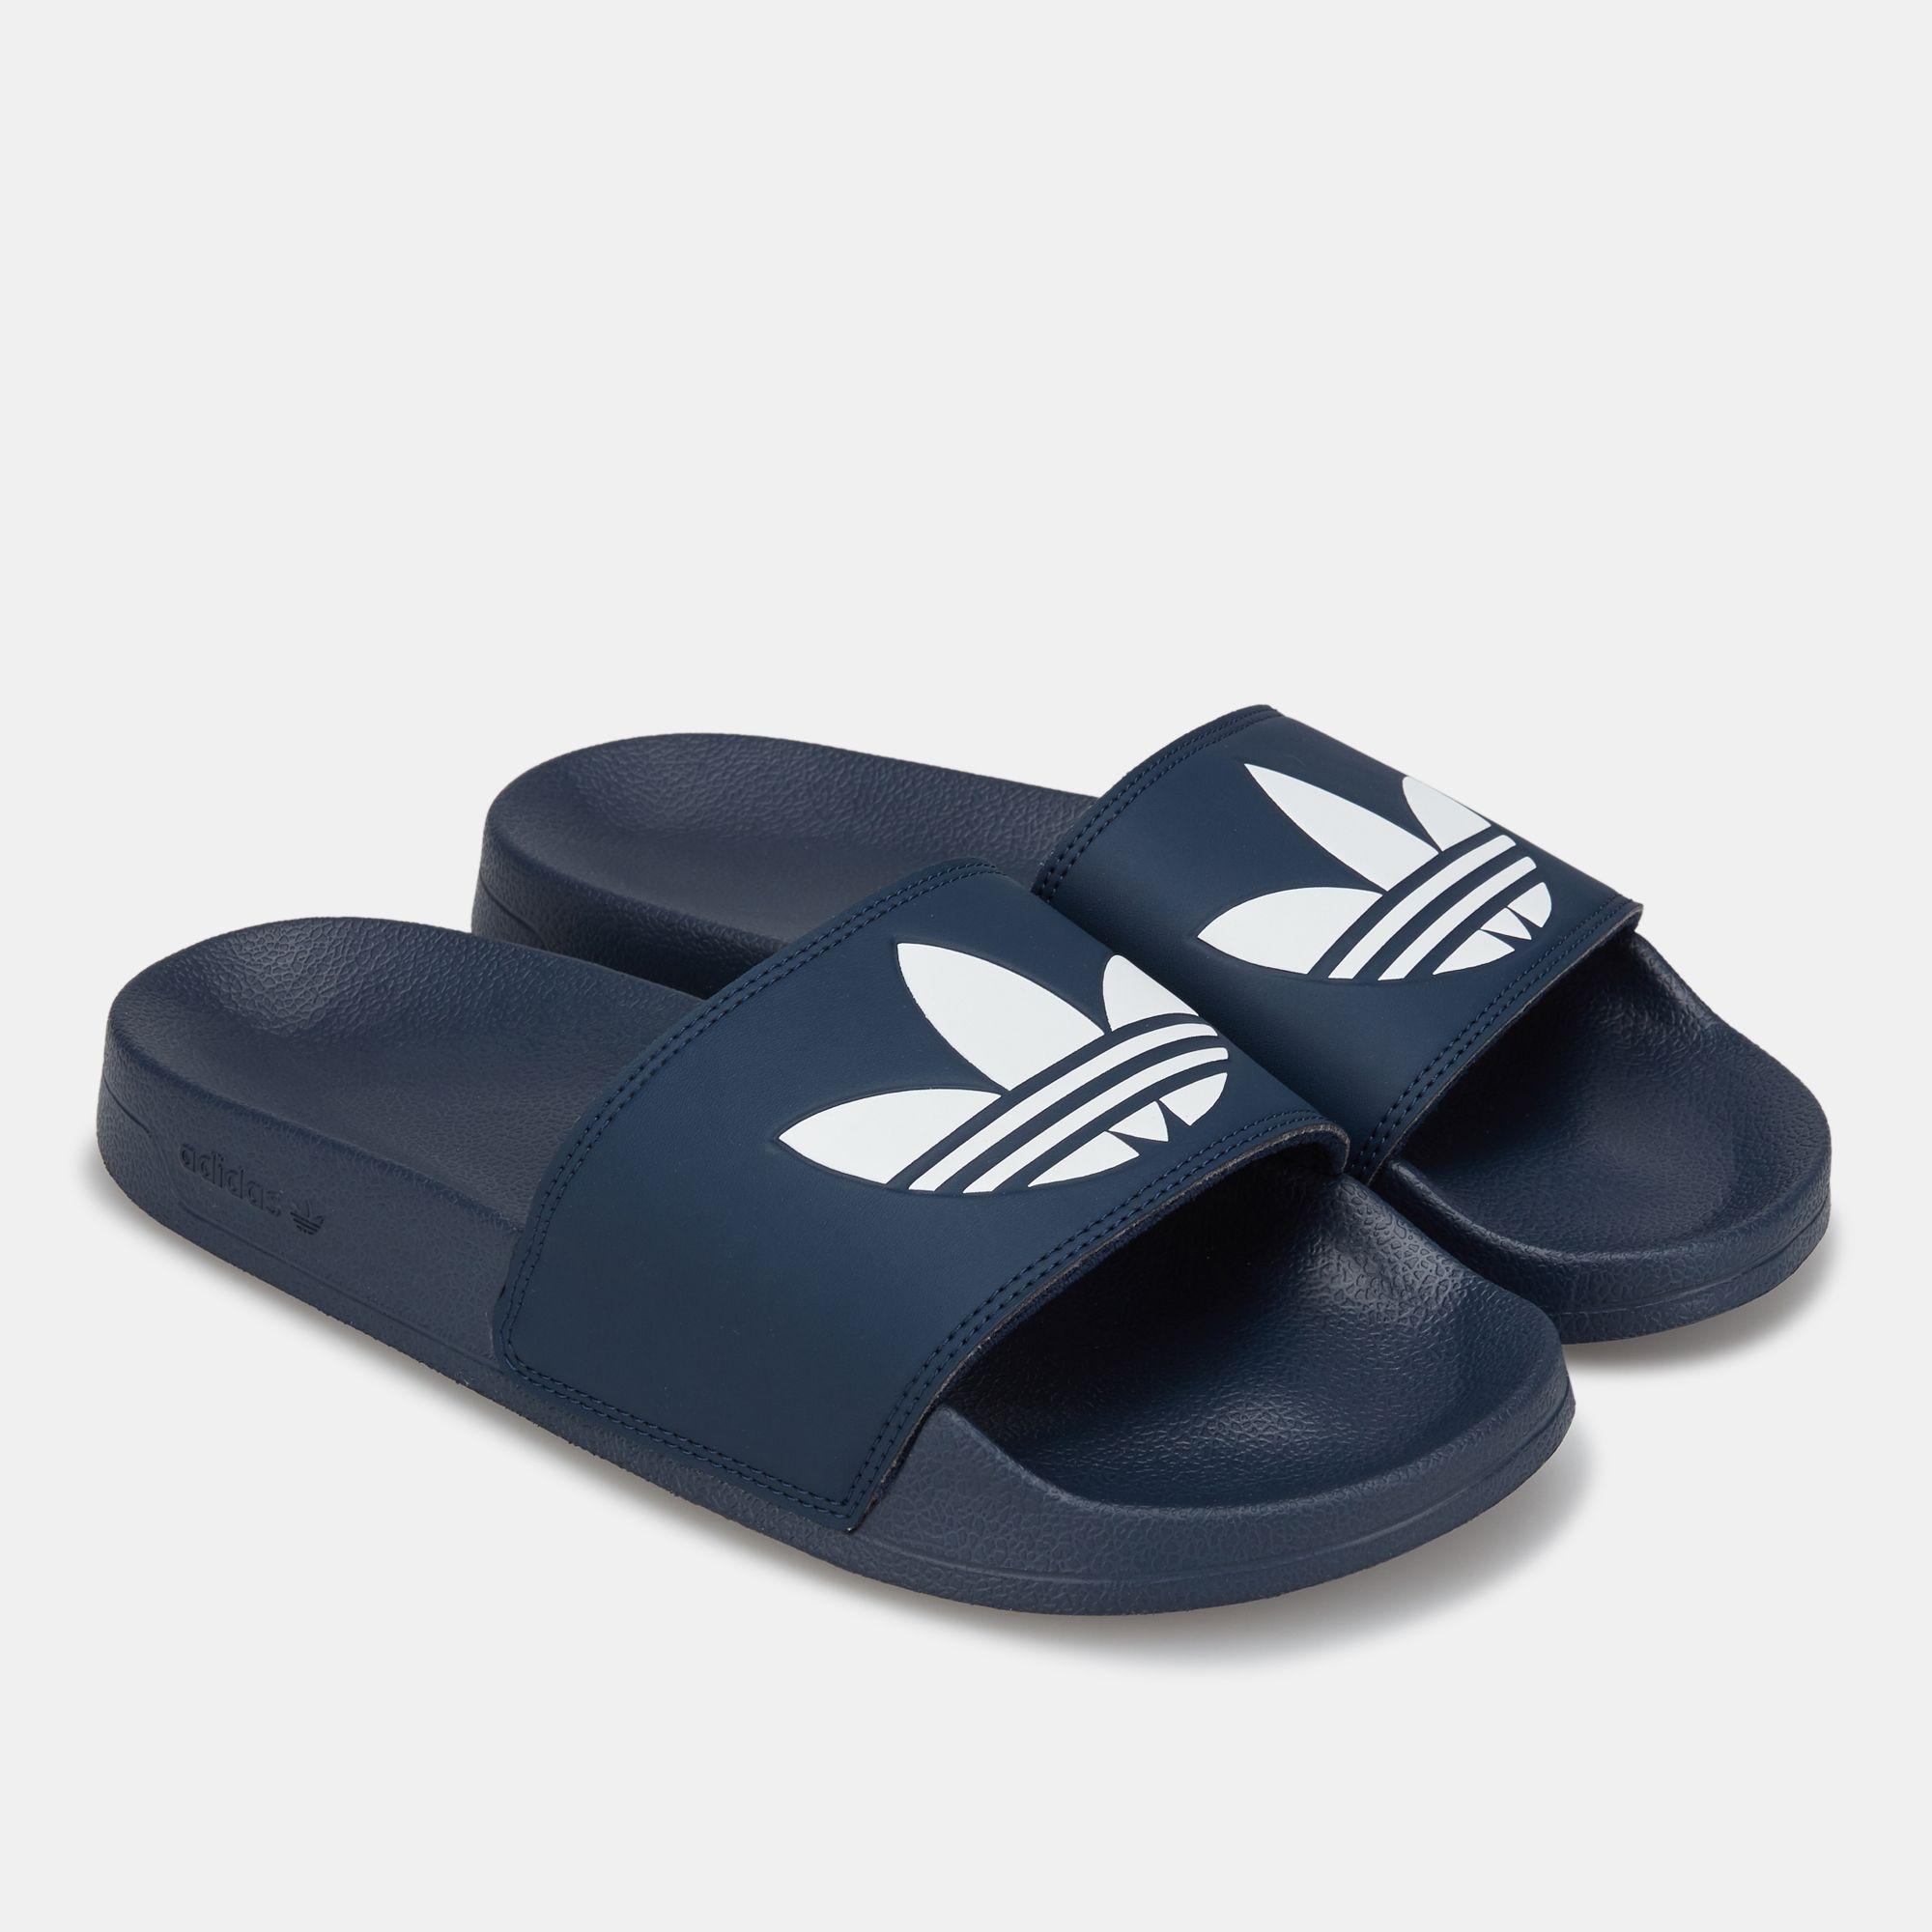 adidas Originals Men's Adilette Lite Slides